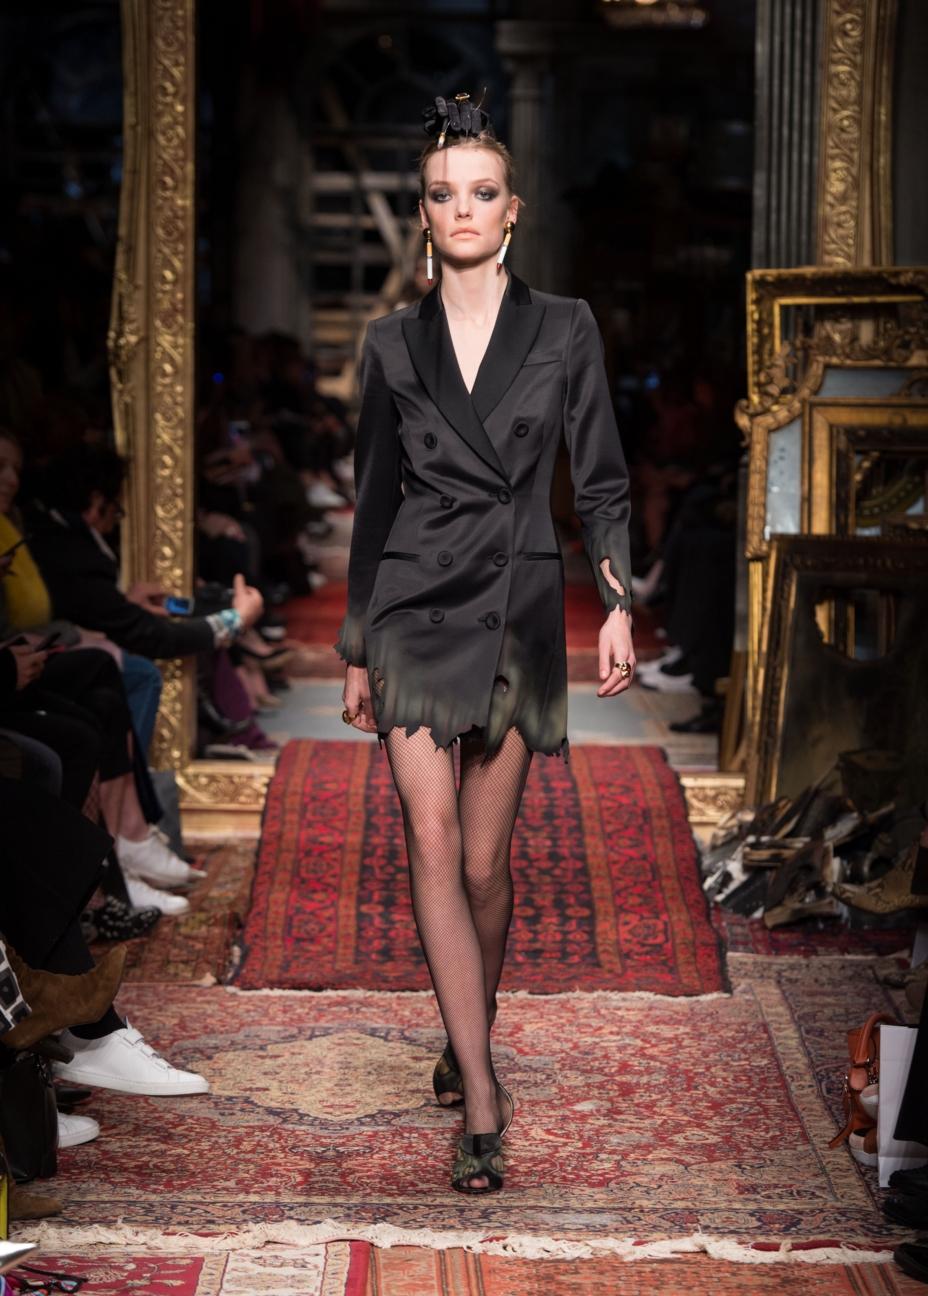 moschino-milan-fashion-week-aw-16-40